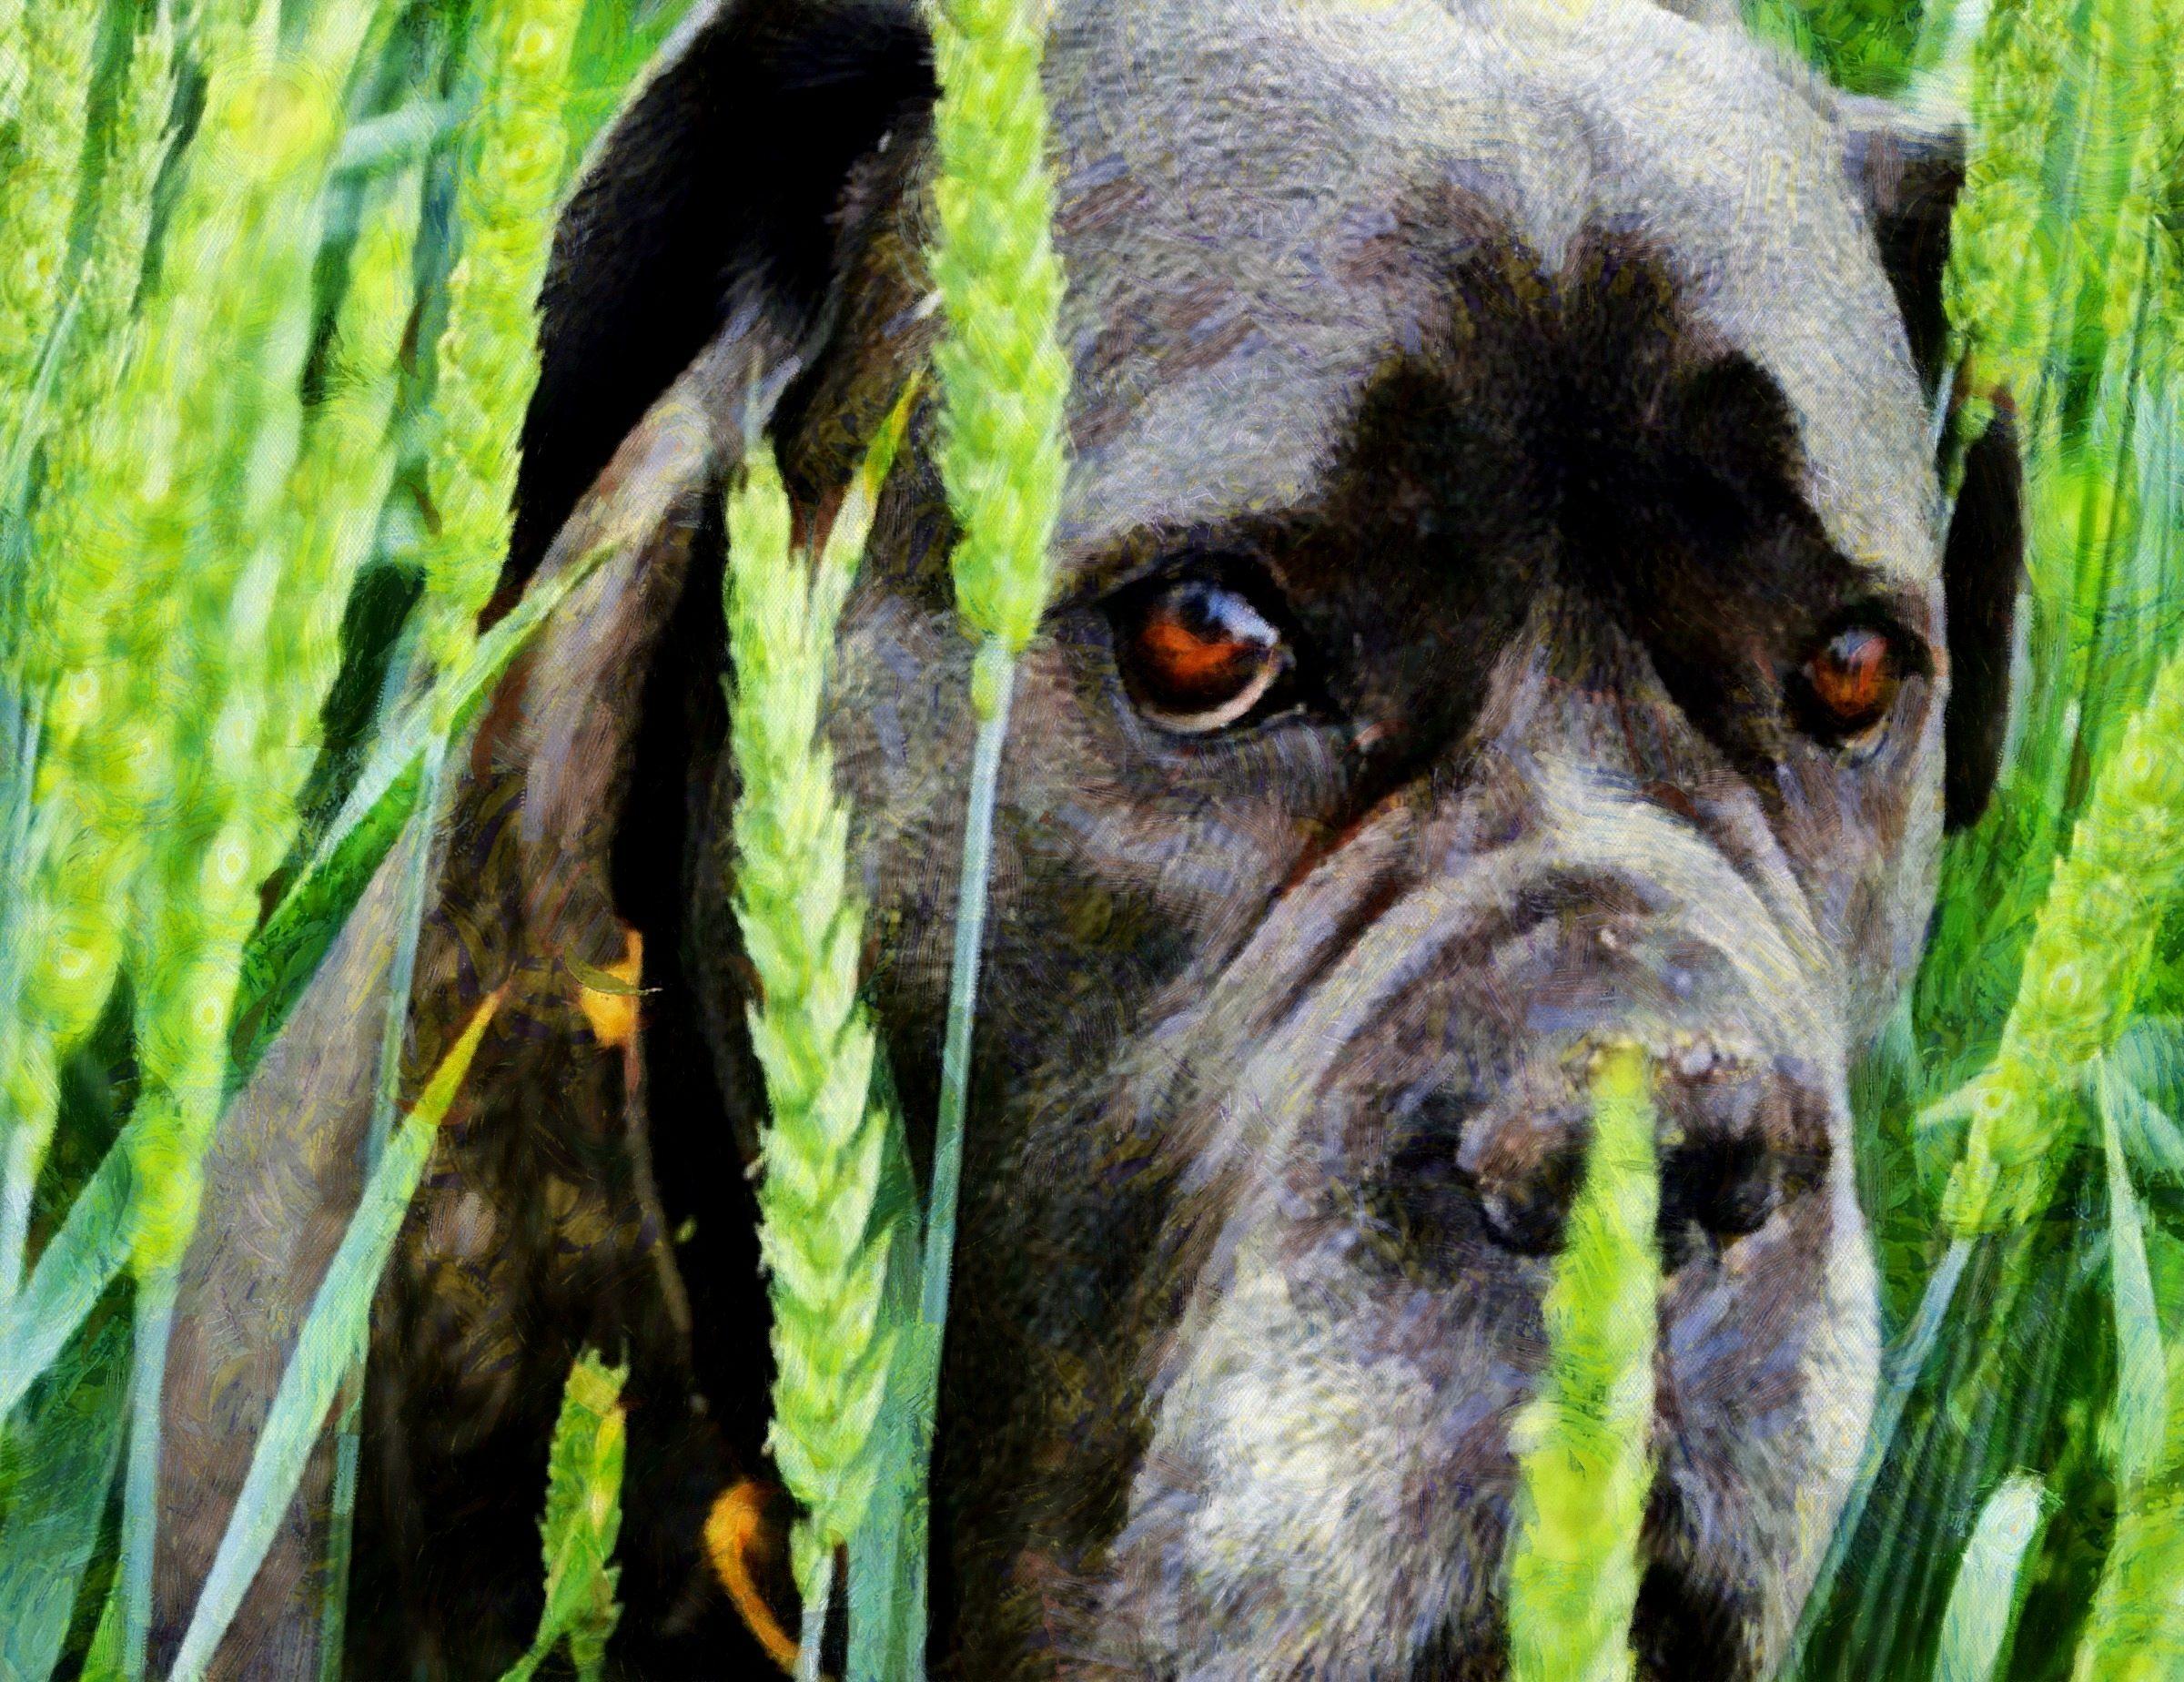 dog, puppy, small dog, dog playing, dog looking, nice dog, dog free image, dog free picture, license test dog, public domain image!